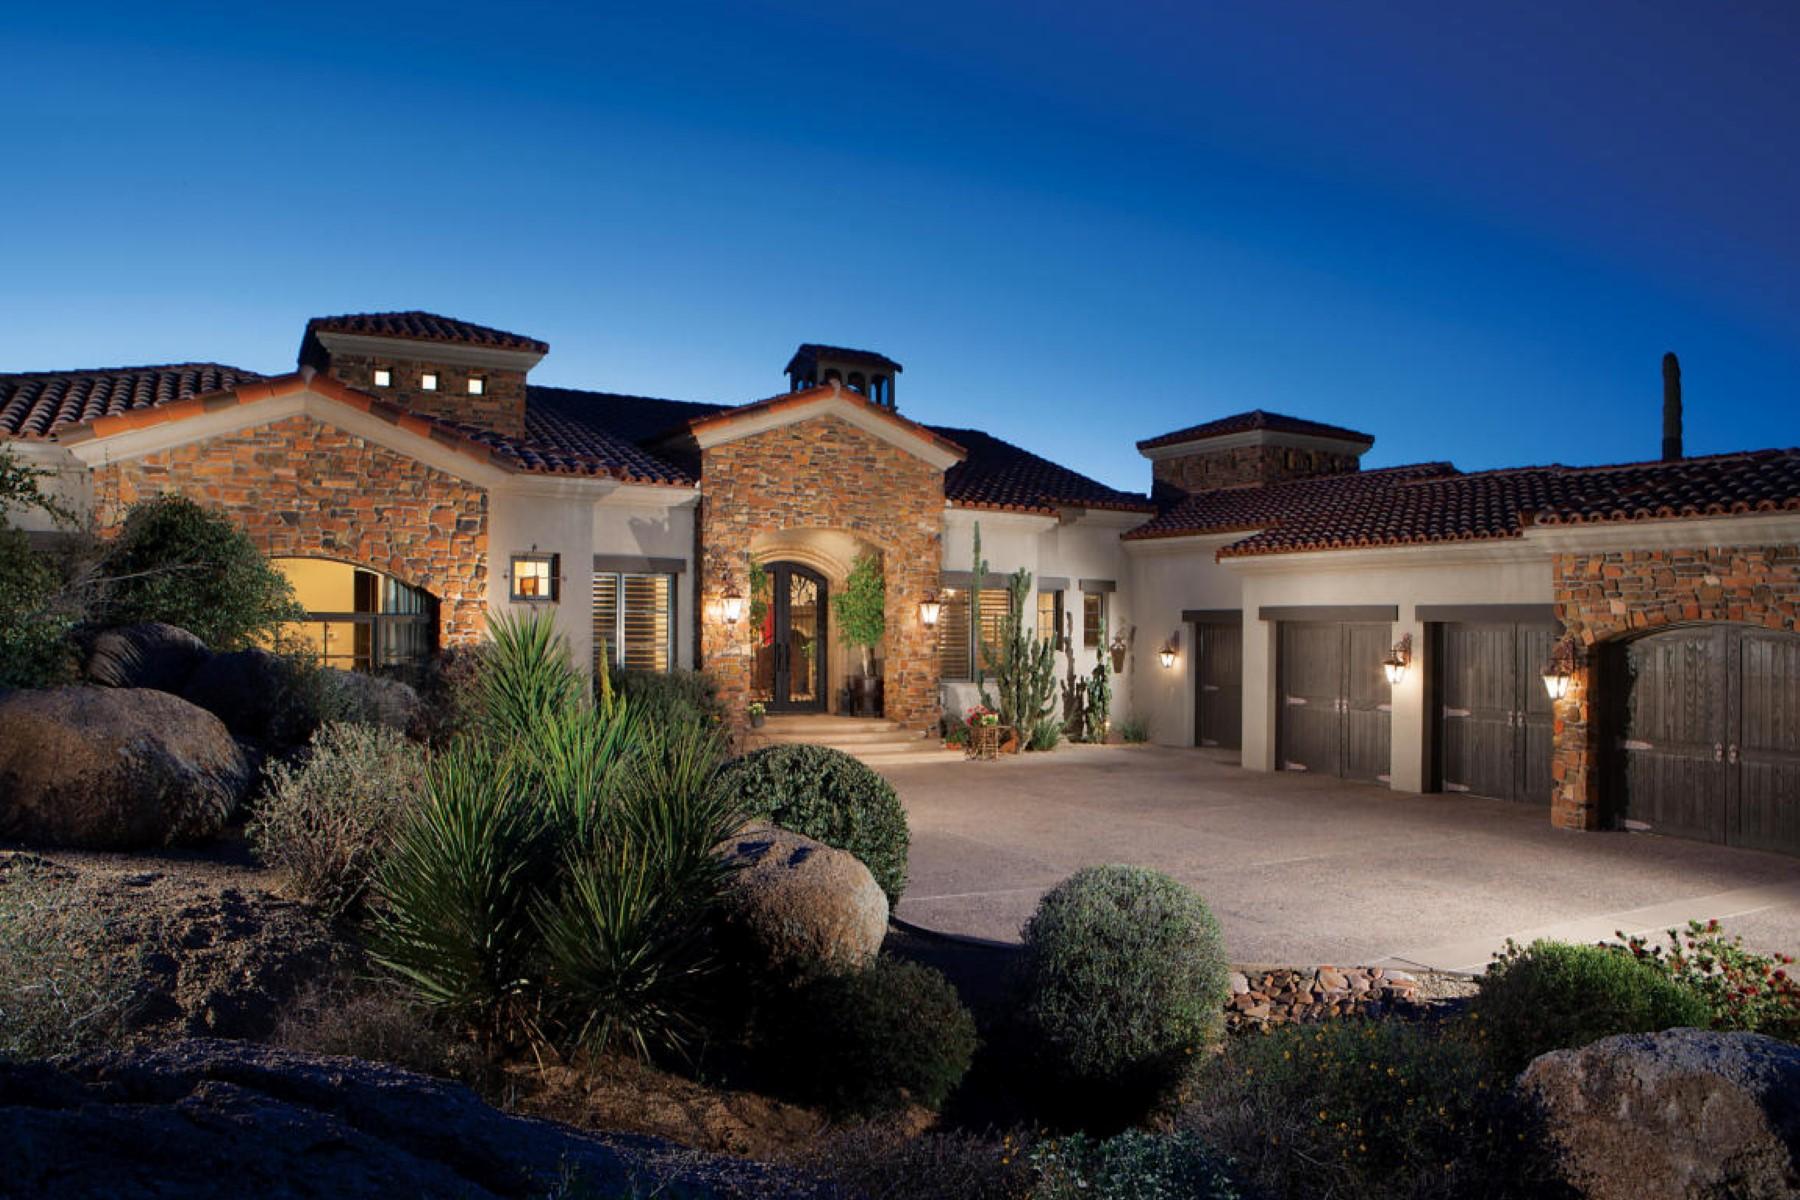 Einfamilienhaus für Verkauf beim Gorgeous custom home with breathtaking views 27842 N 103rd Pl Scottsdale, Arizona, 85262 Vereinigte Staaten